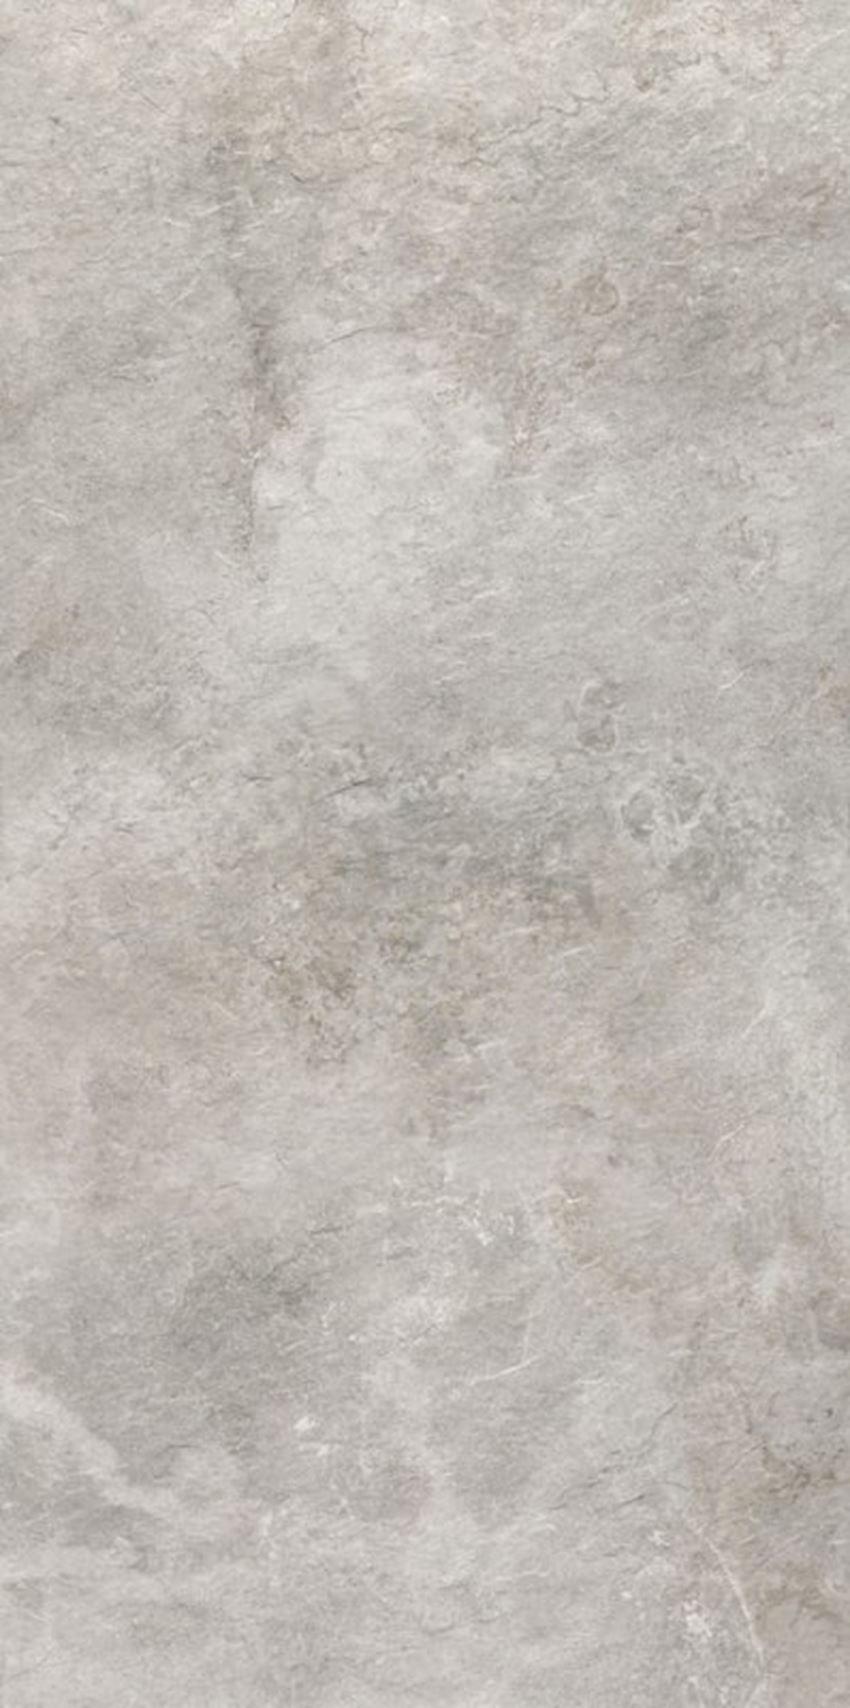 Płytka ścienno-podłogowa 59,5x119,5 cm Paradyż Burlington Silver Płyta Tarasowa 2.0